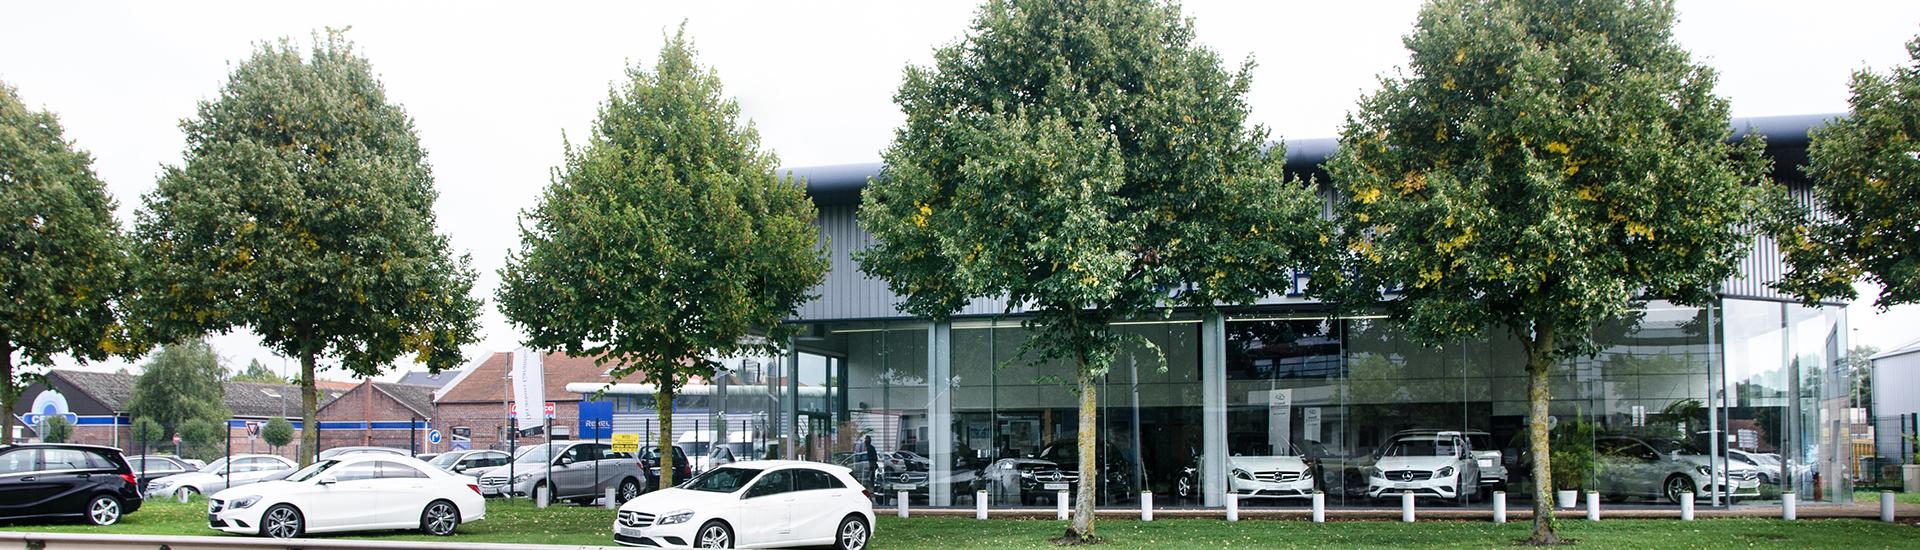 Facade de la concession SAGA Mercedes-Benz à Cambrai (59).